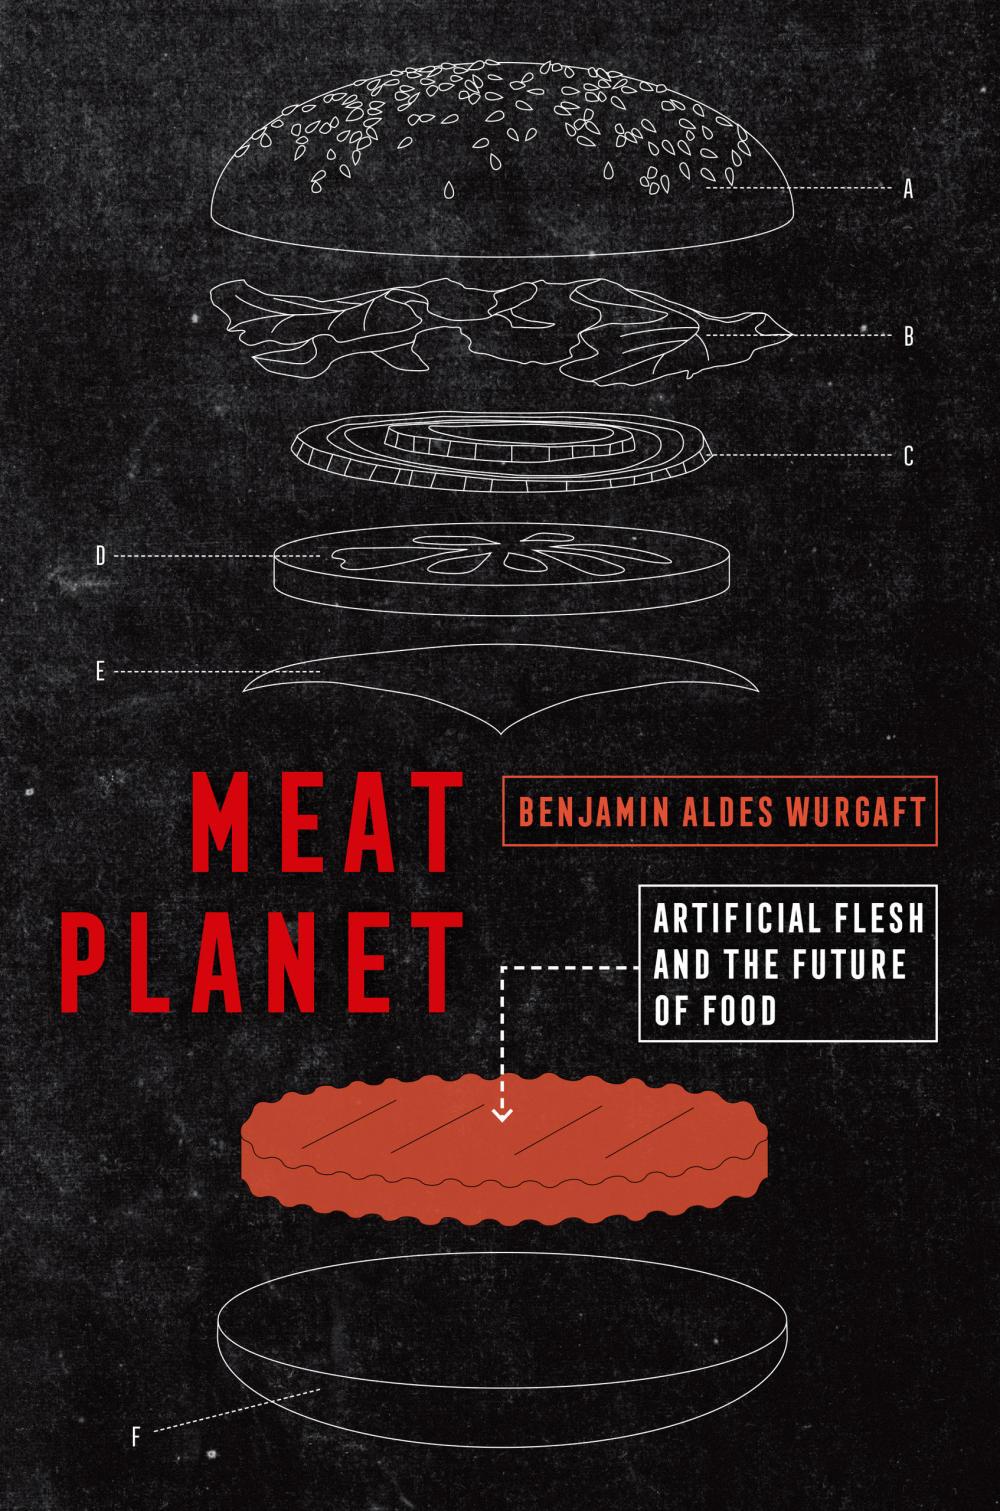 meatplanethero